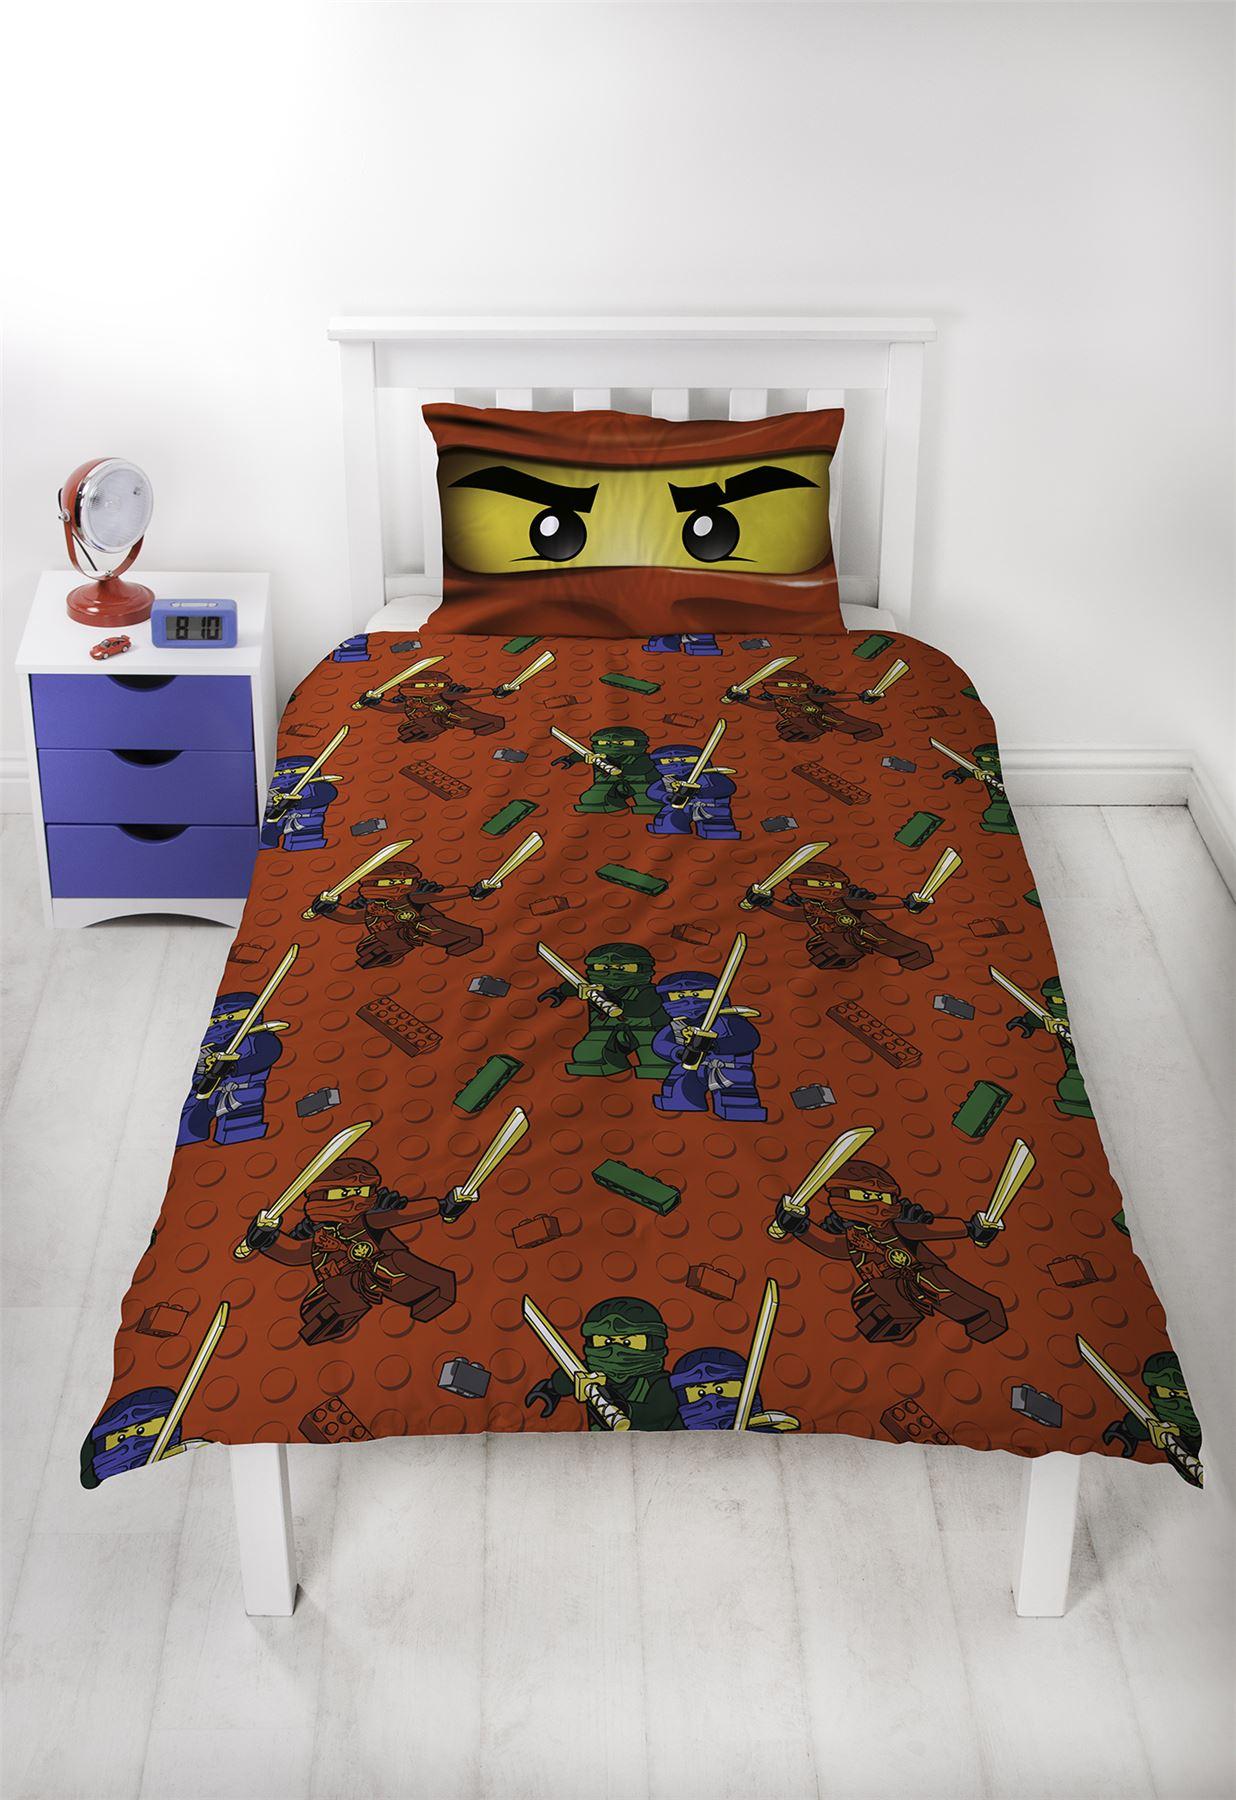 Official-Licensed-Lego-Duvet-Bedding-Ninjago-Batman-Star-Wars-Jurassic thumbnail 32